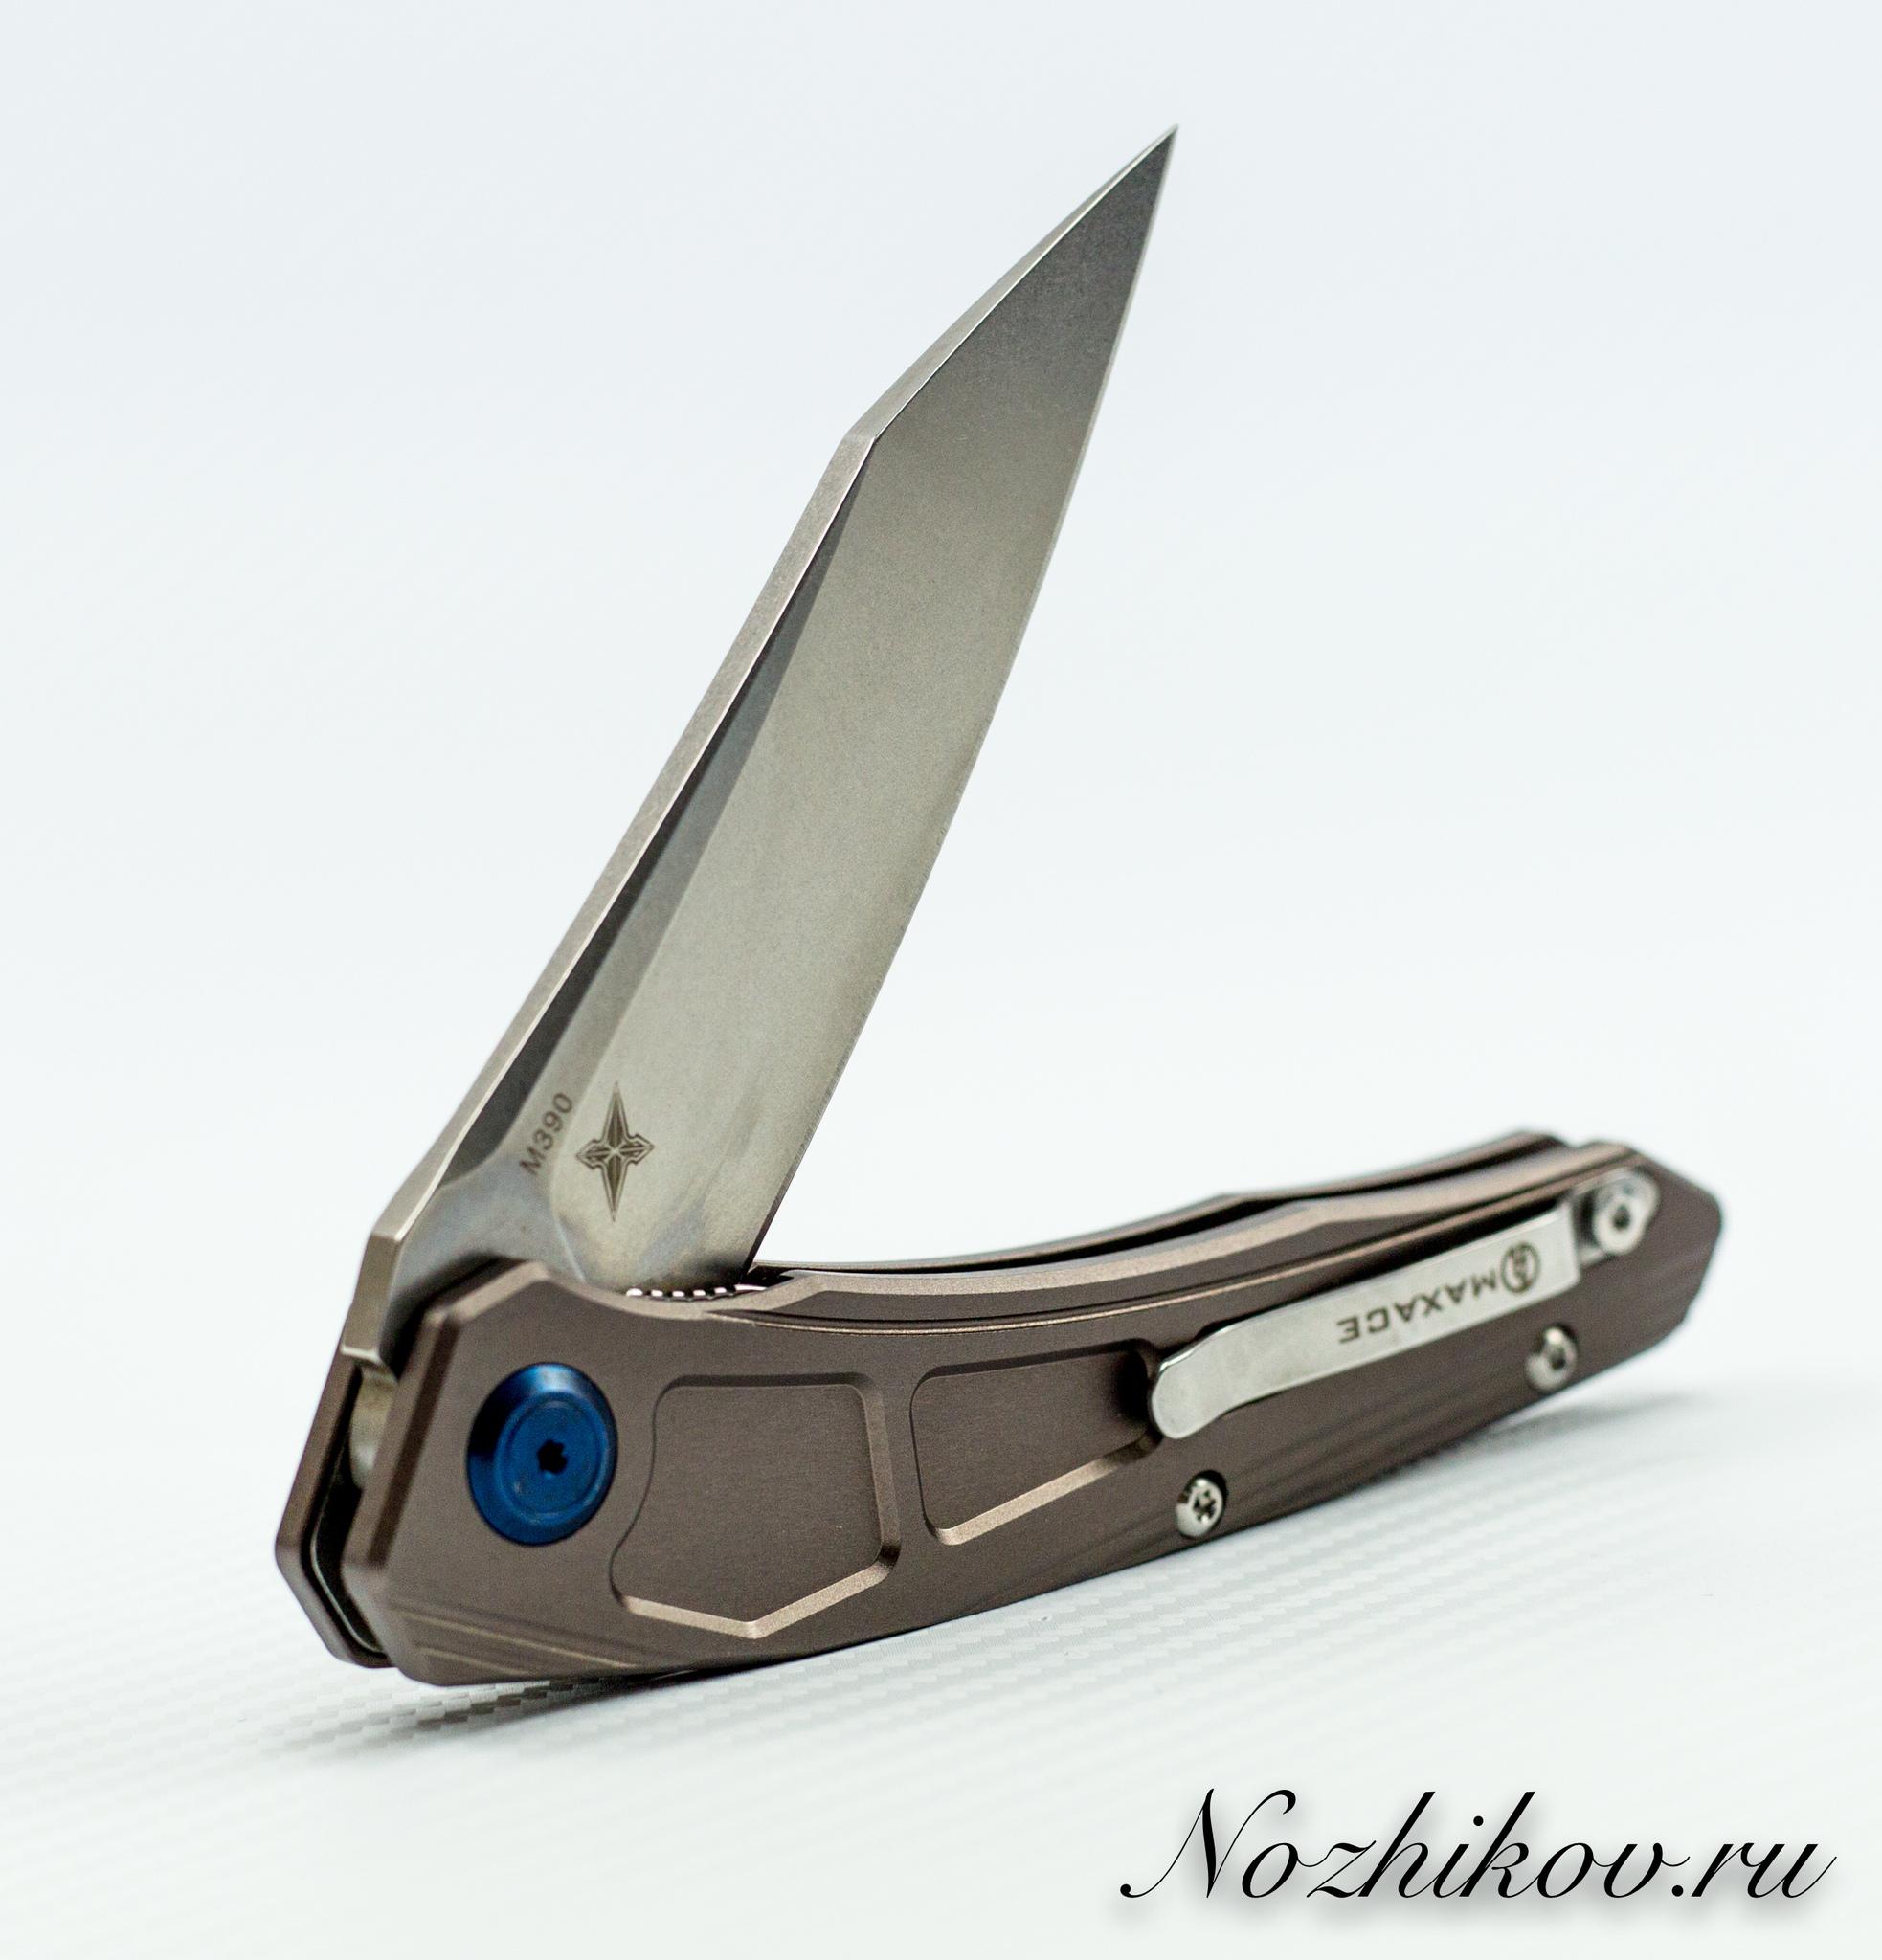 Складной нож Maxace Ptilopsis Light, сталь M390Раскладные ножи<br>СКЛАДНОЙ НОЖ MAXACE PTILOPSIS СТАЛЬ M390 сочетает в себе инновационные материалы, современный дизайн и максимально брутальный внешний вид. Такой нож станет звездой в любой коллекции. Нож можно носить при себе, или можно поместить на коллекционный ложемент и любоваться. Клинок ножа выполнен из порошковой стали высокой твердости, что обеспечивает сохранность режущей кромки в течение длительного времени. Нож легко затачивается до бритвенной остроты. Рукоятка ножа выполнена из облегченного титанового сплава, который используется в космической промышленности.<br>